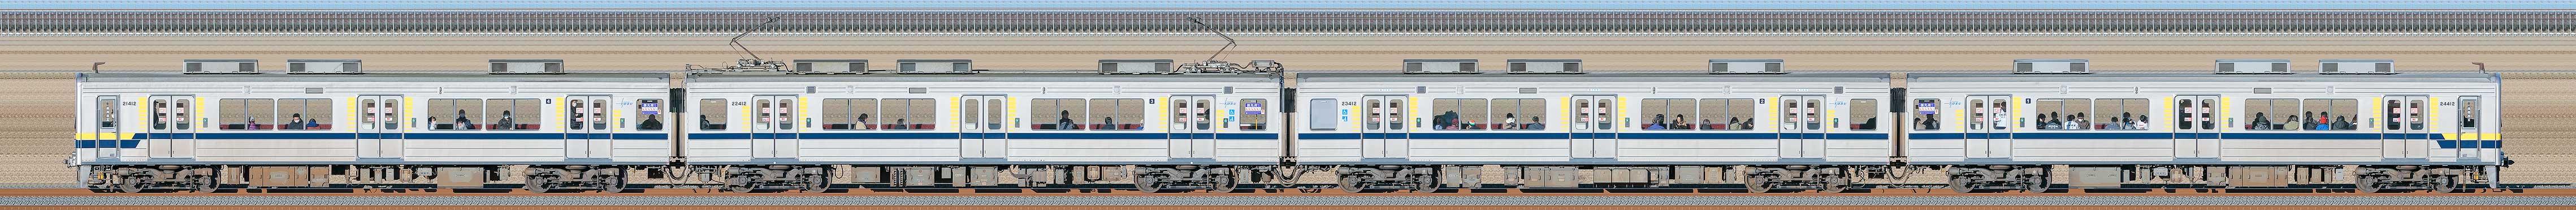 東武20400型21412編成(海側)の編成サイドビュー